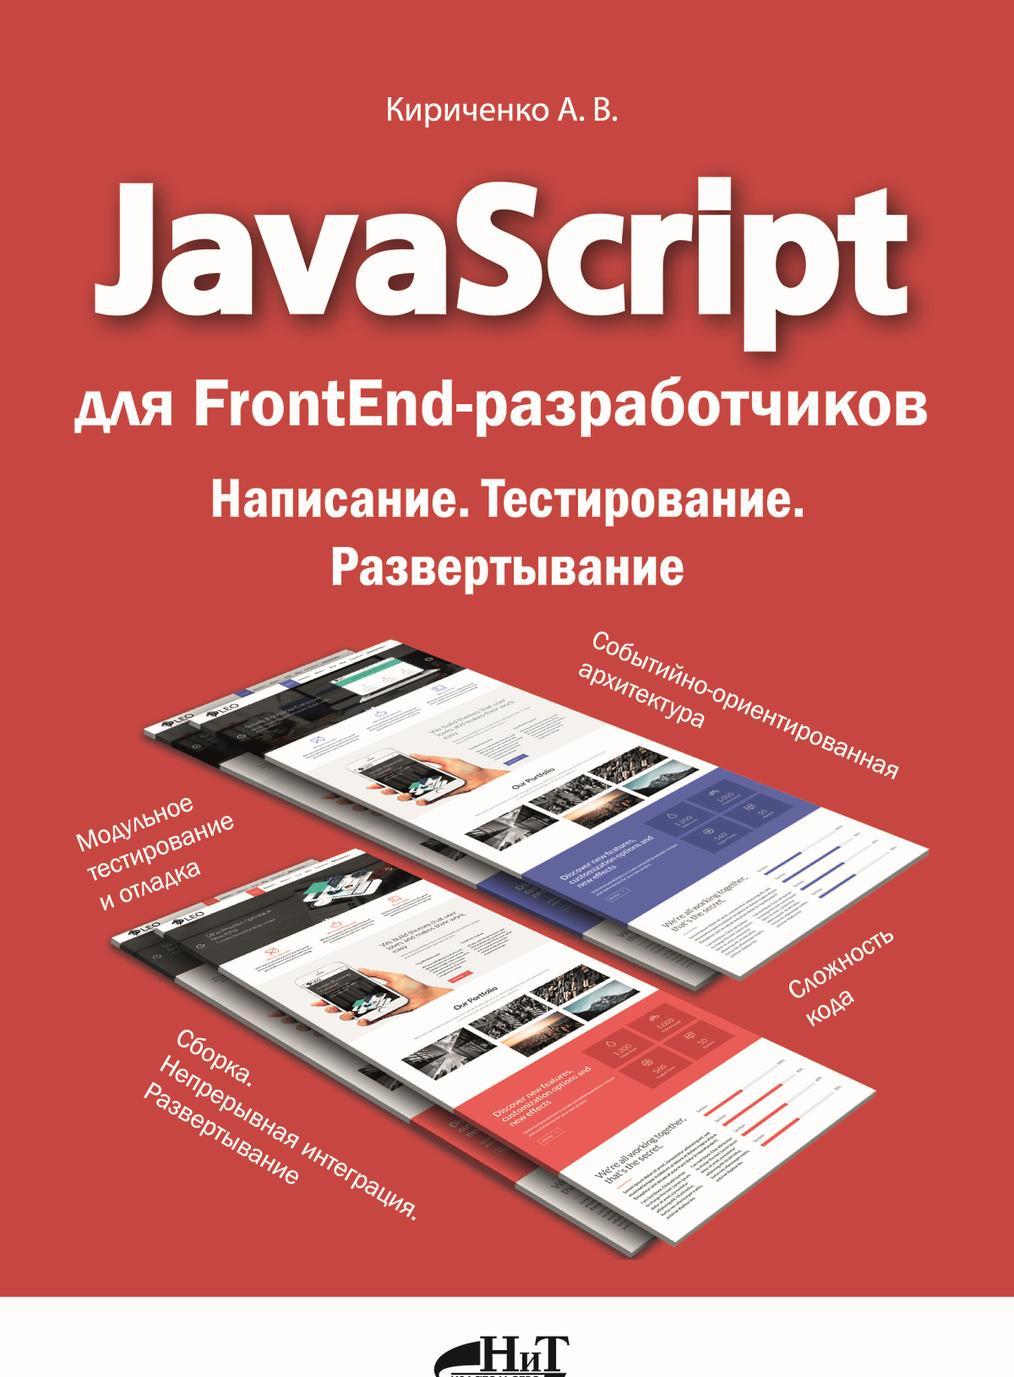 JavaScript dlja FrontEnd-razrabotchikov. Napisanie. Testirovanie. Razvertyvanie